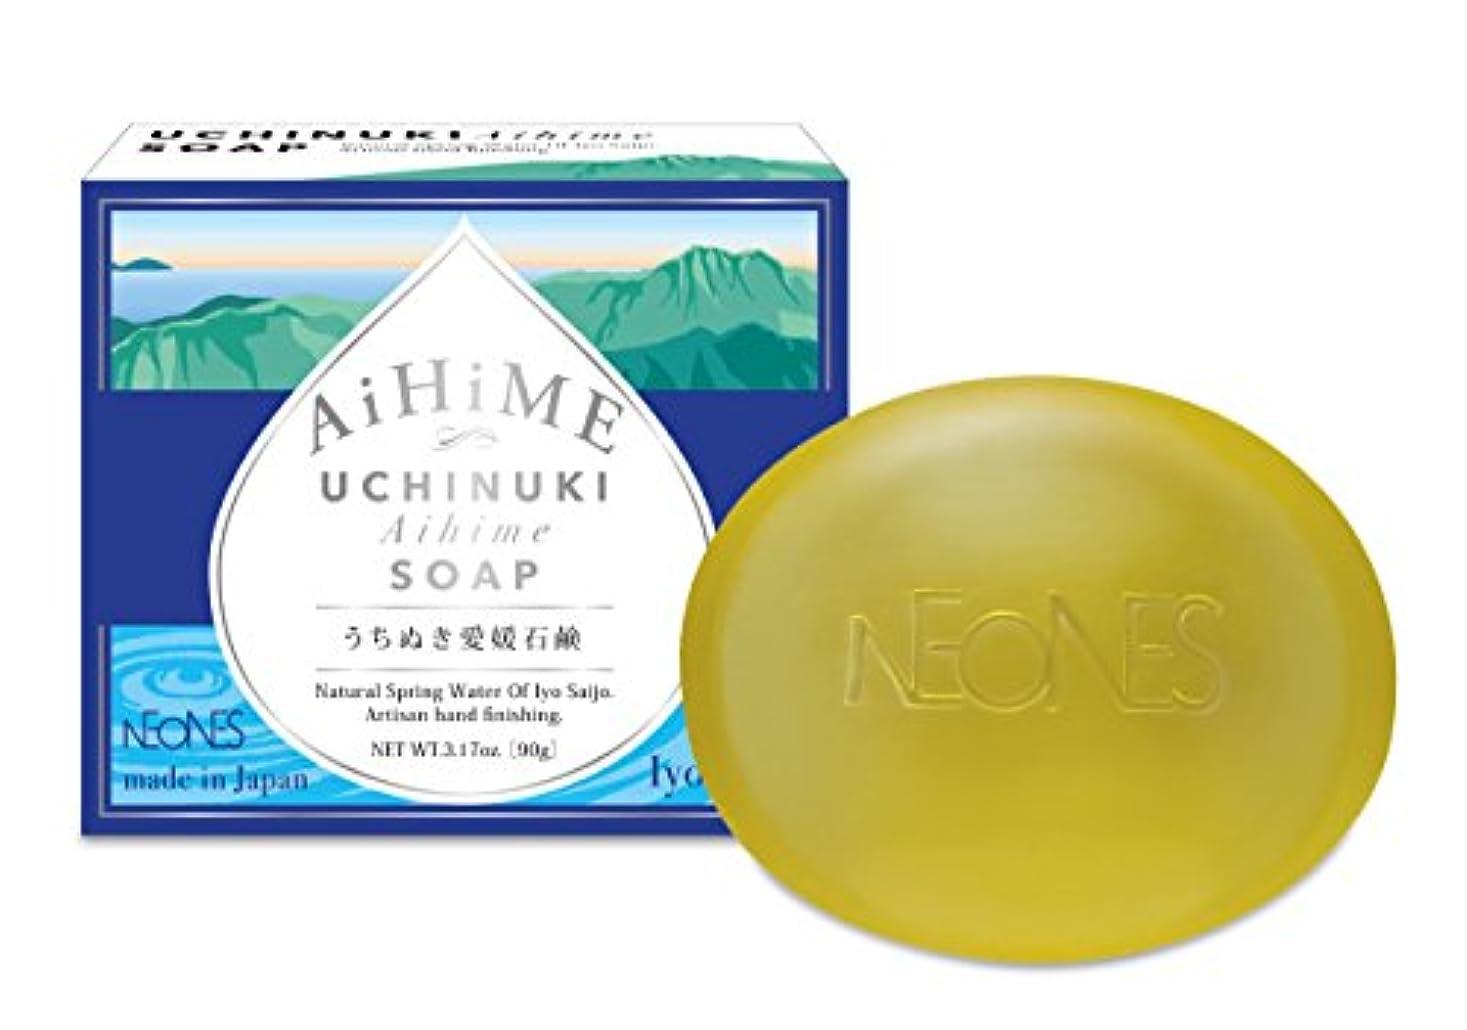 交じる出身地スイング【うちぬき愛媛石鹸 90g】たっぷり美容成分ともっちり濃密泡でうるおい美容液洗顔。